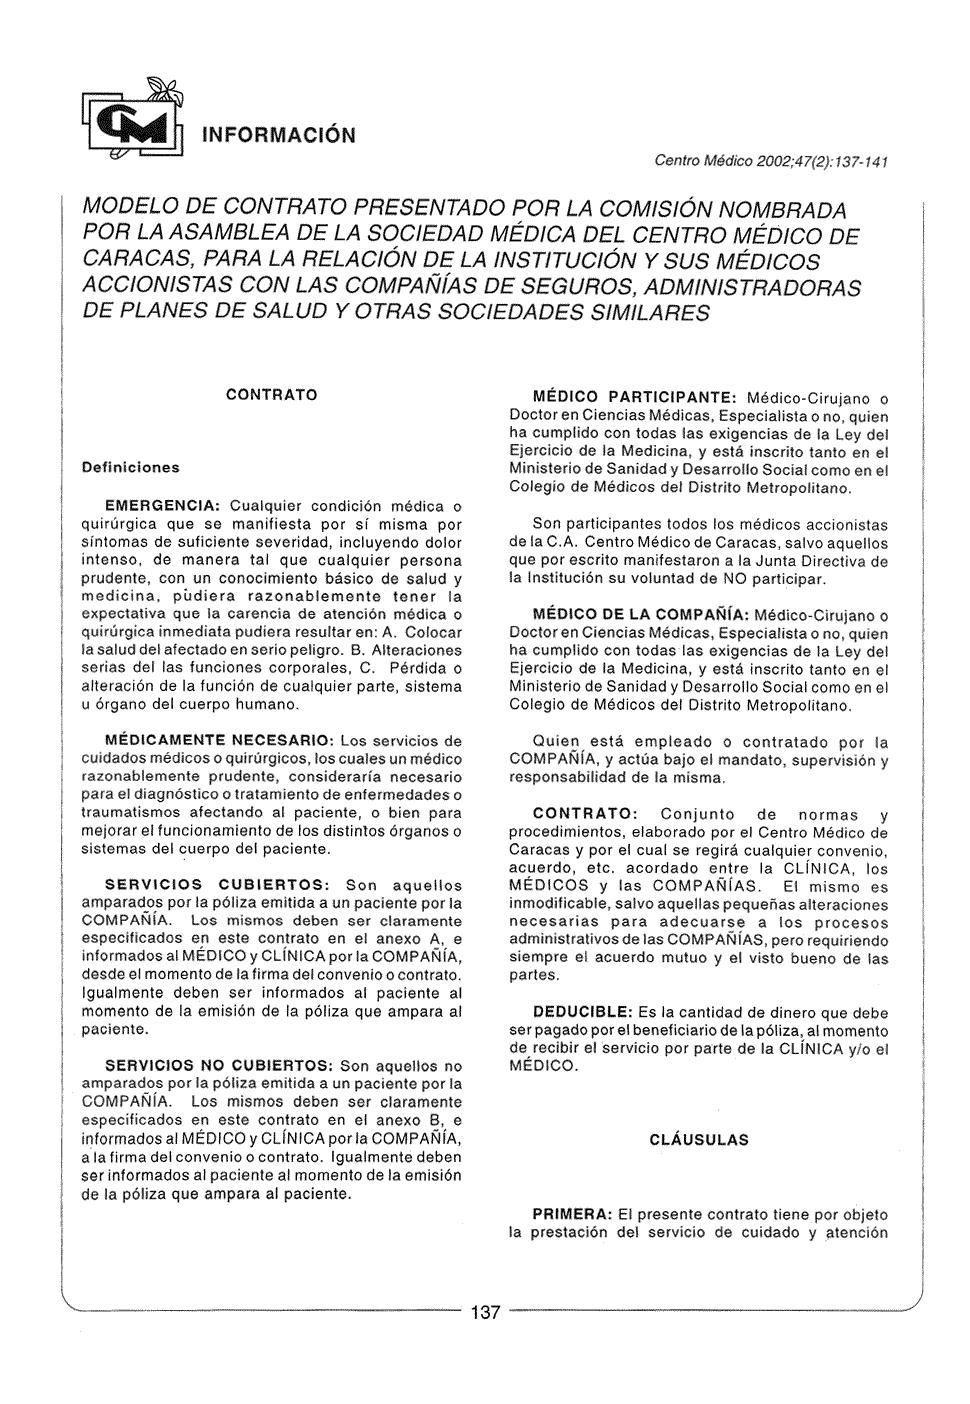 Modelo de contrato presentado por la Comisión nombrada por la ...